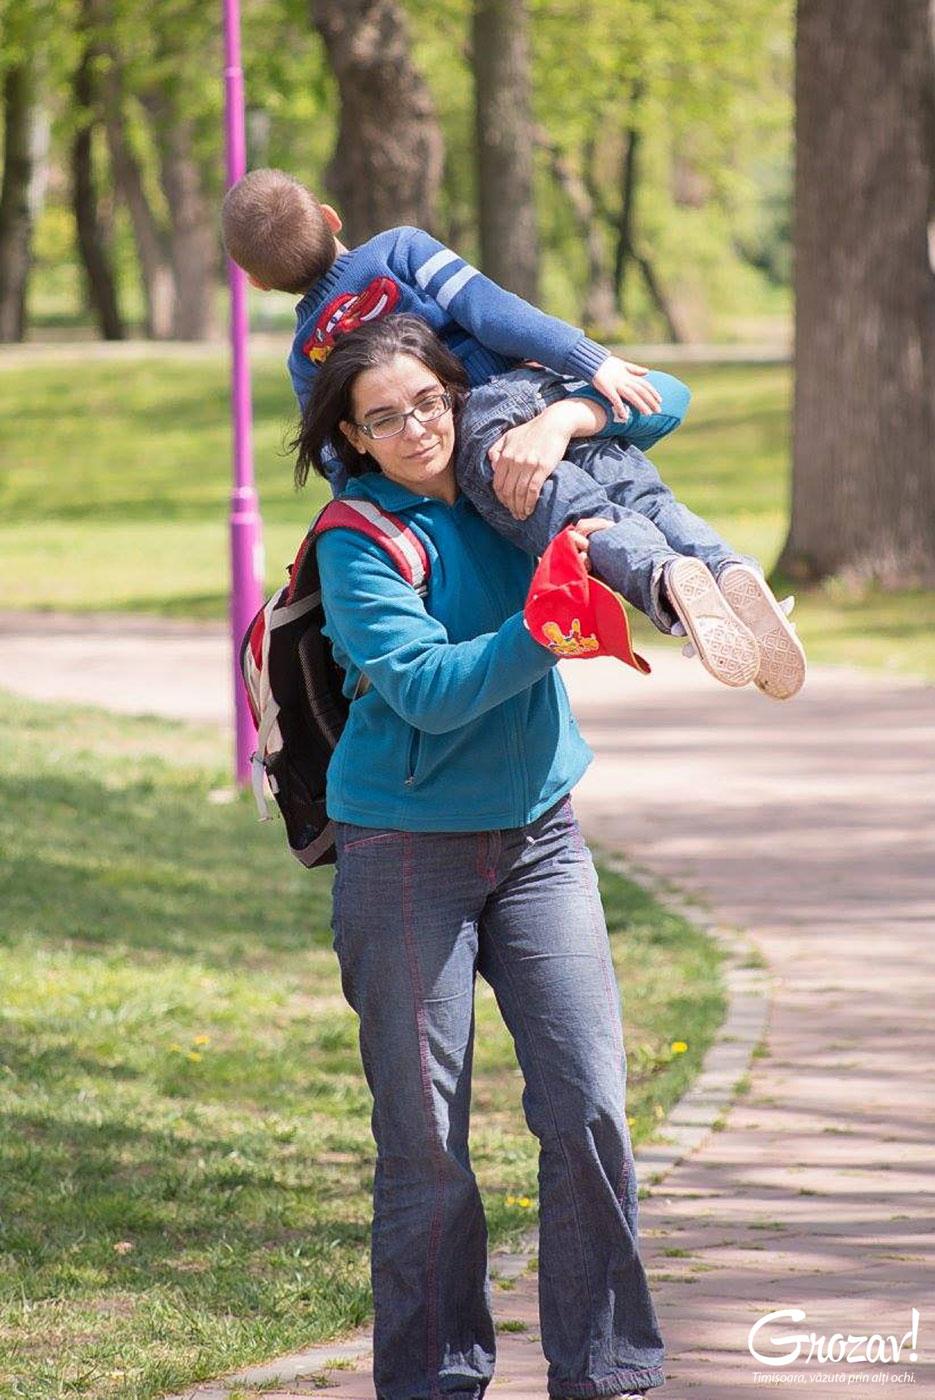 Georgiana și Radu Boian în parc timisoara grozav